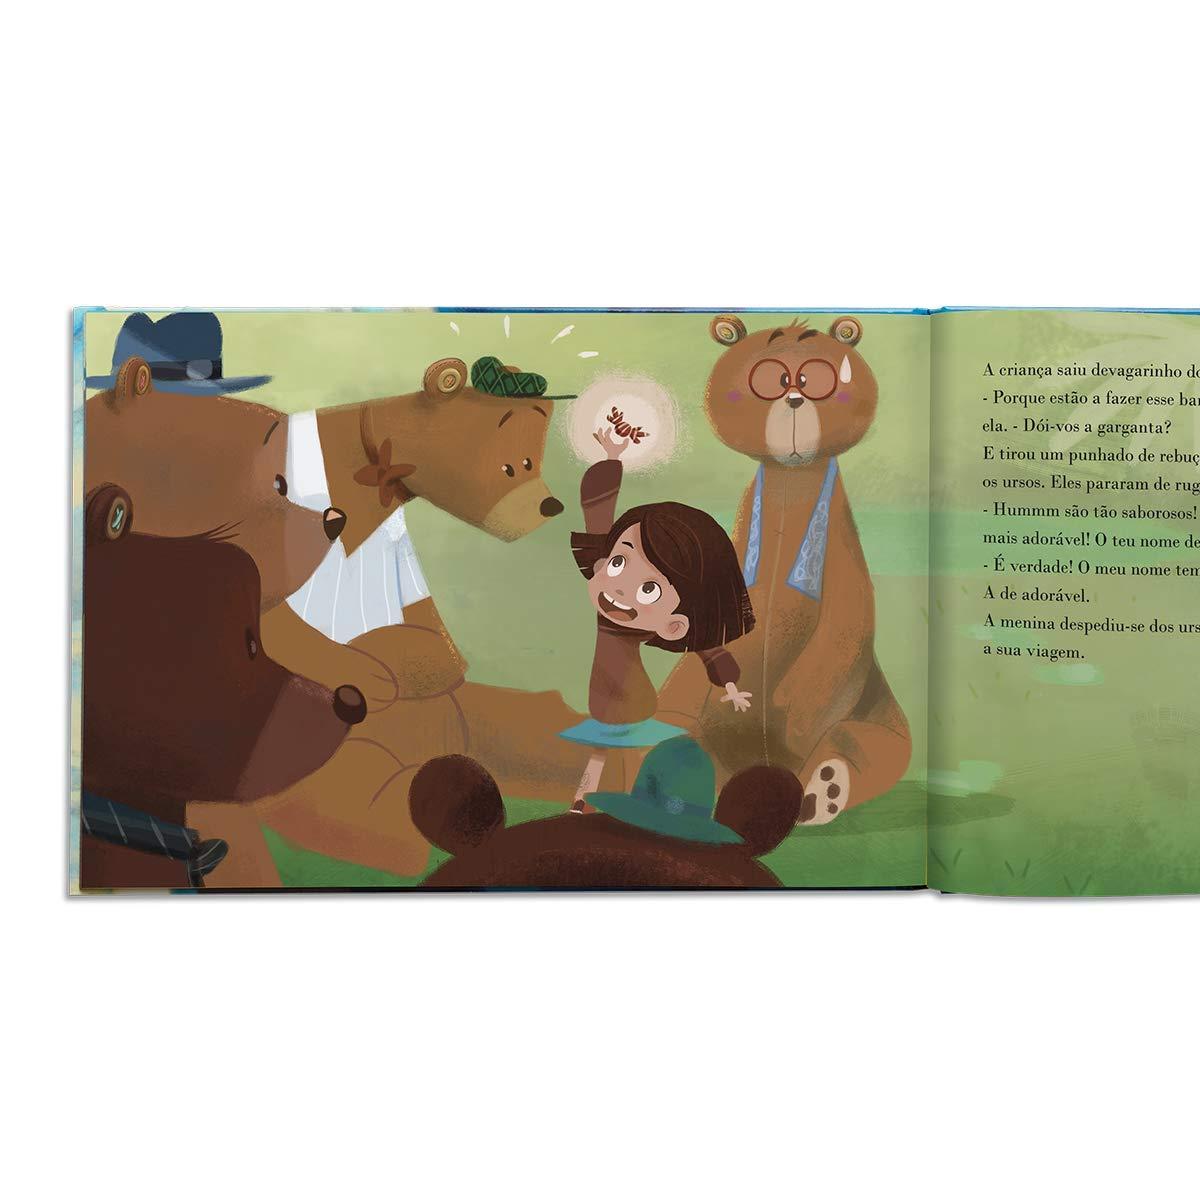 Libro infantil personalizado en catalán la magia de mi nombre de 0 a 8 años My Magic Story